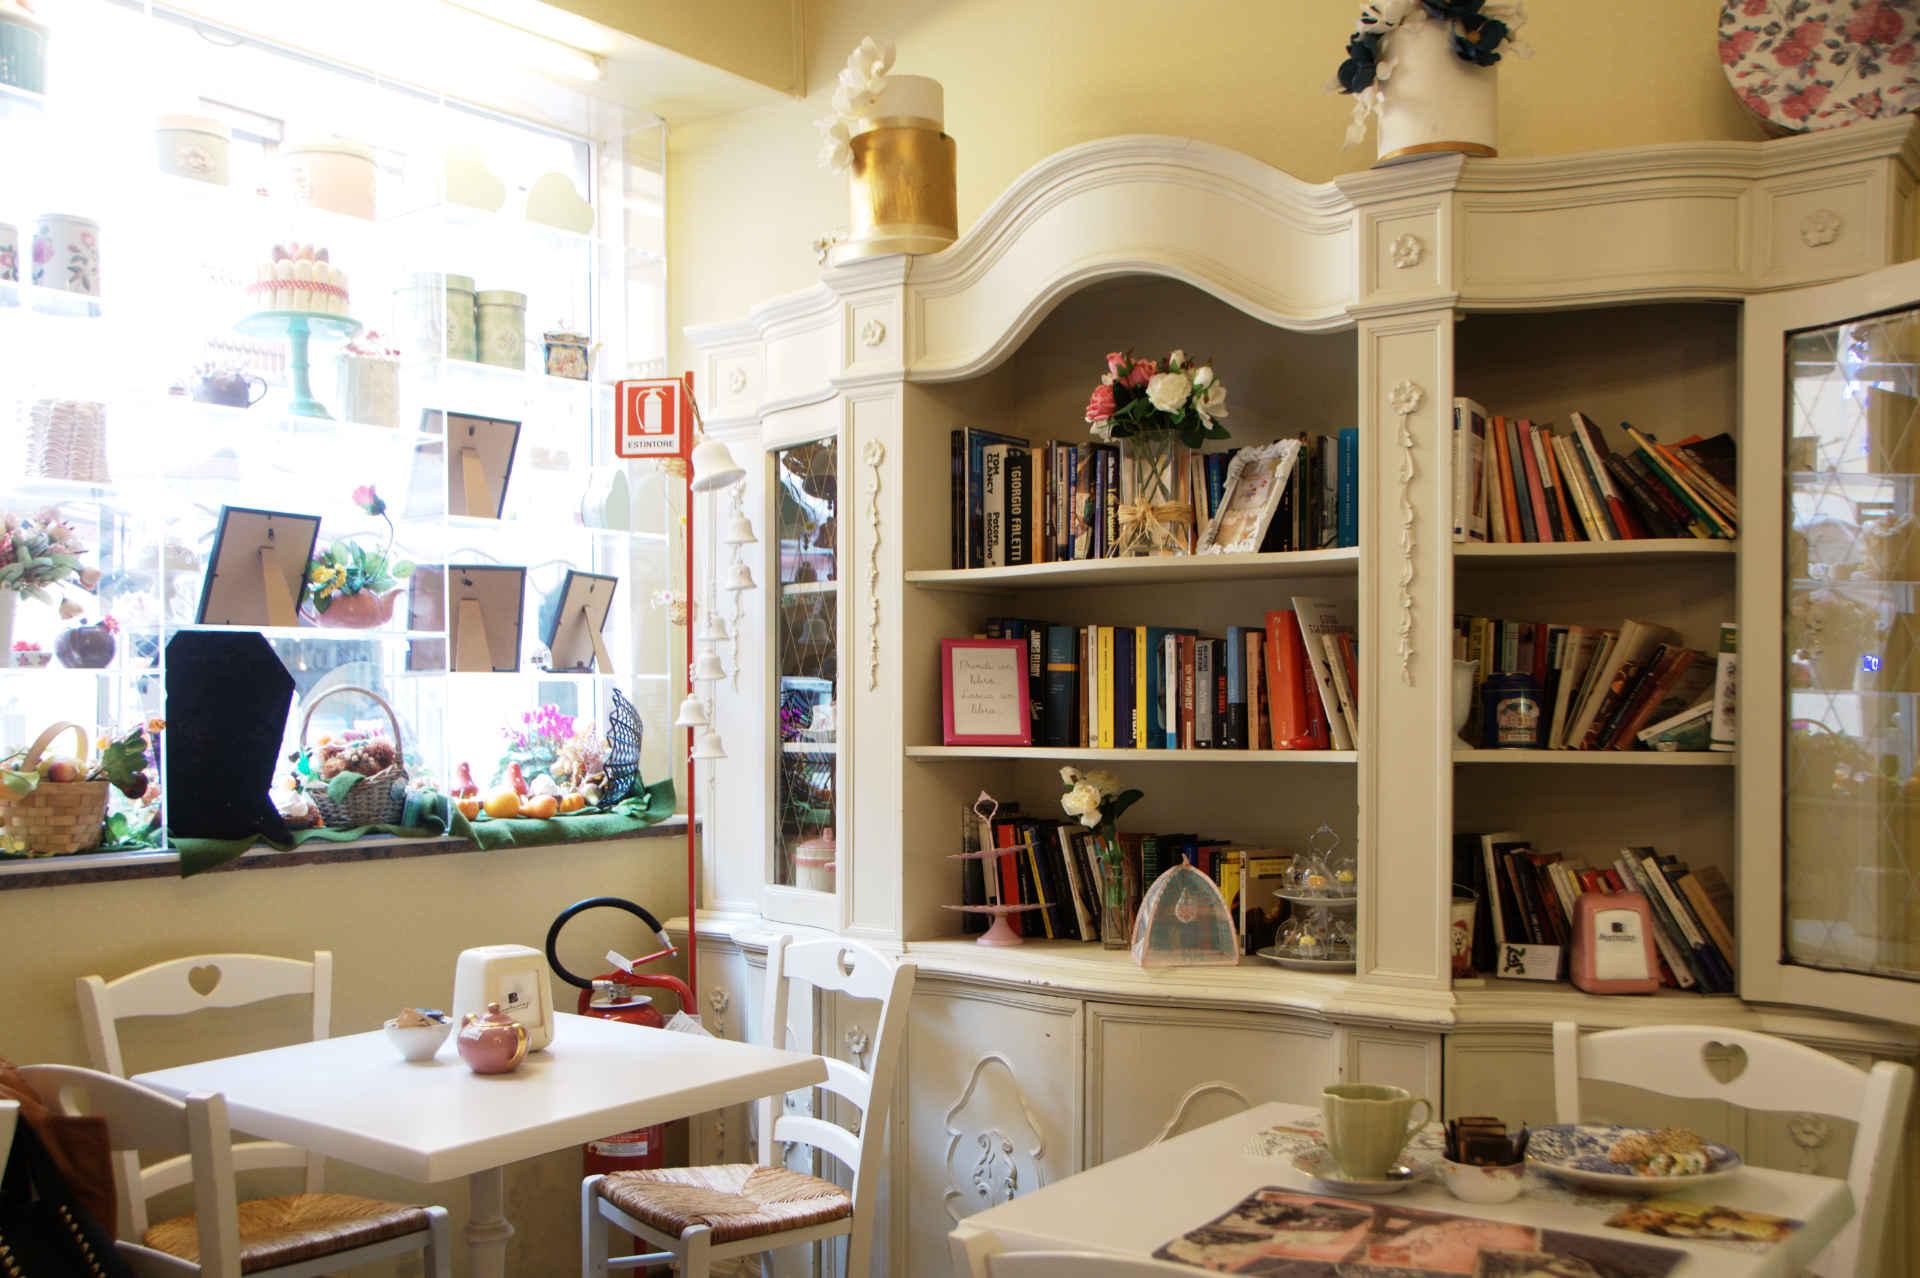 locale con tavolin e sedie bianche e libreria